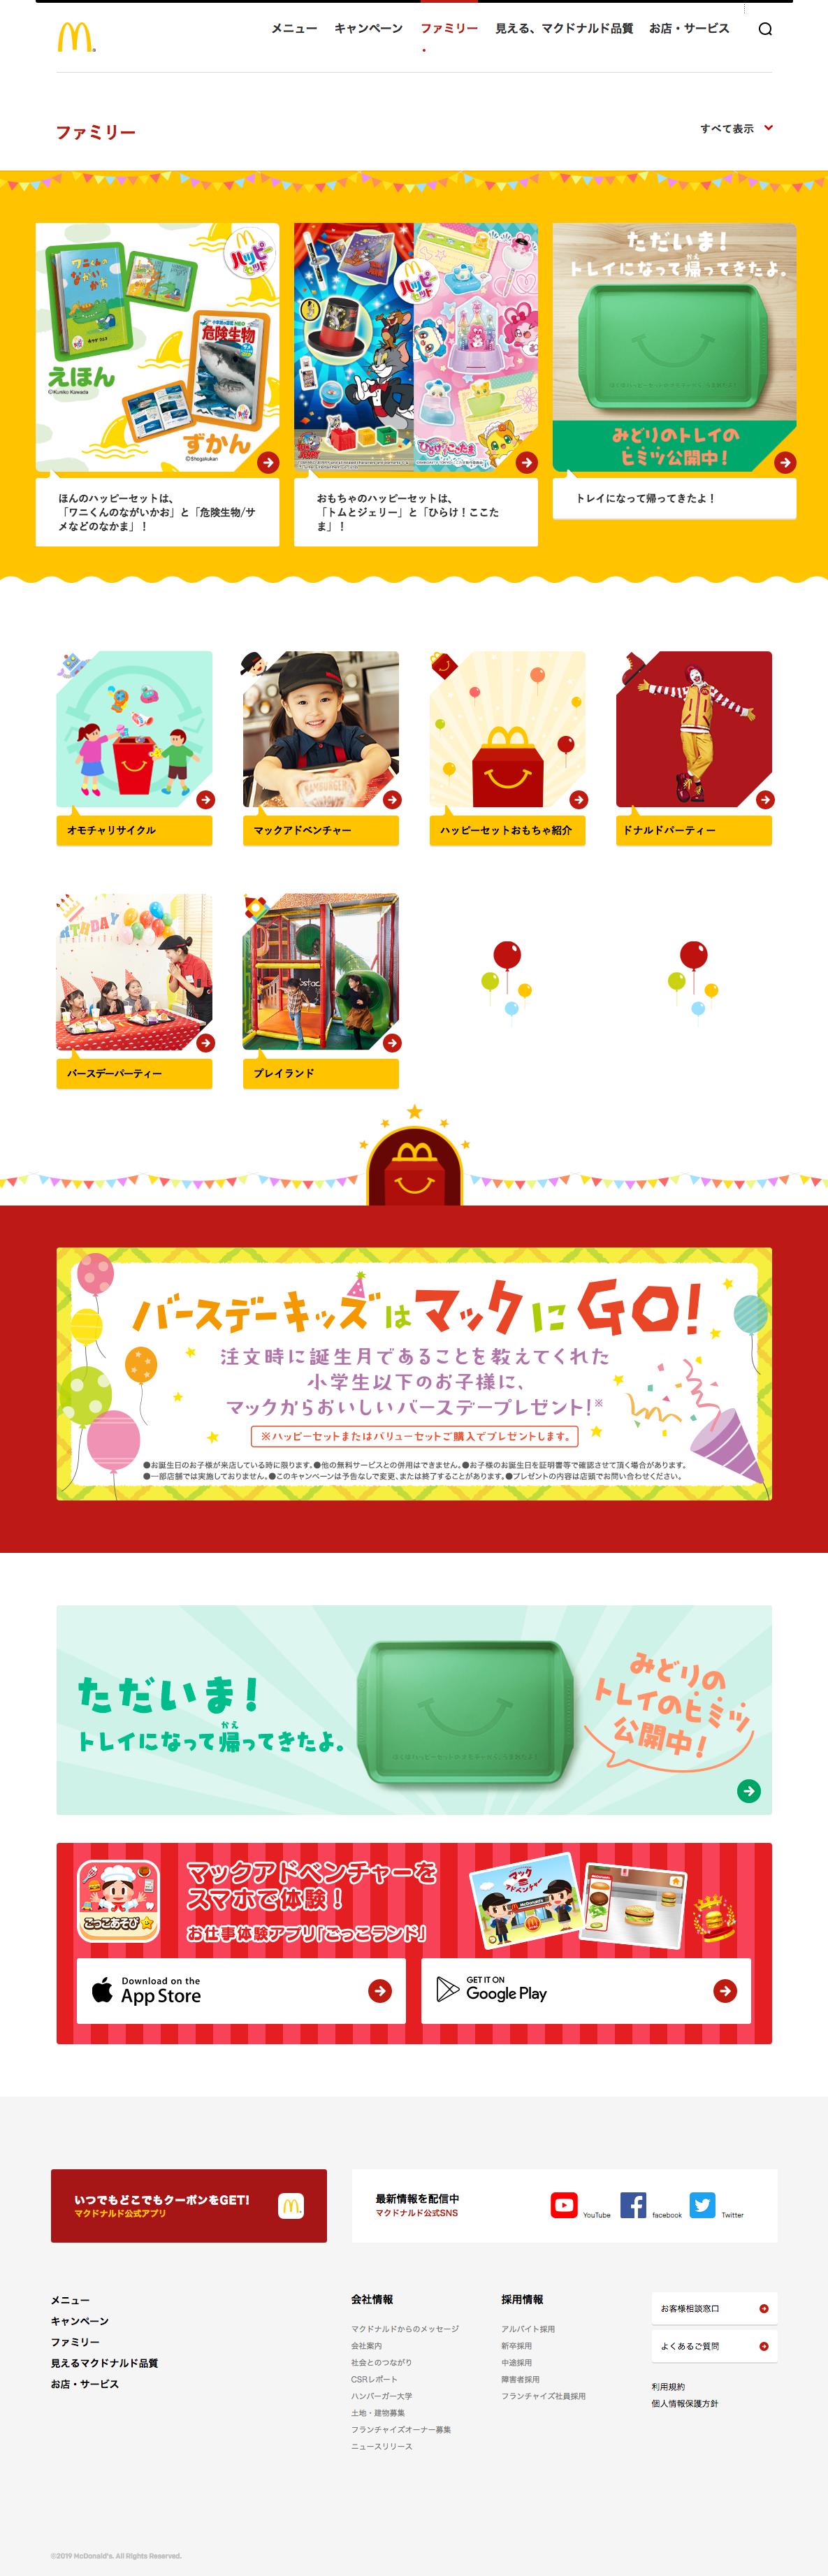 Web Design おしゃれまとめの人気アイデア Pinterest Sachiko Kubo プレイランド マクドナルド